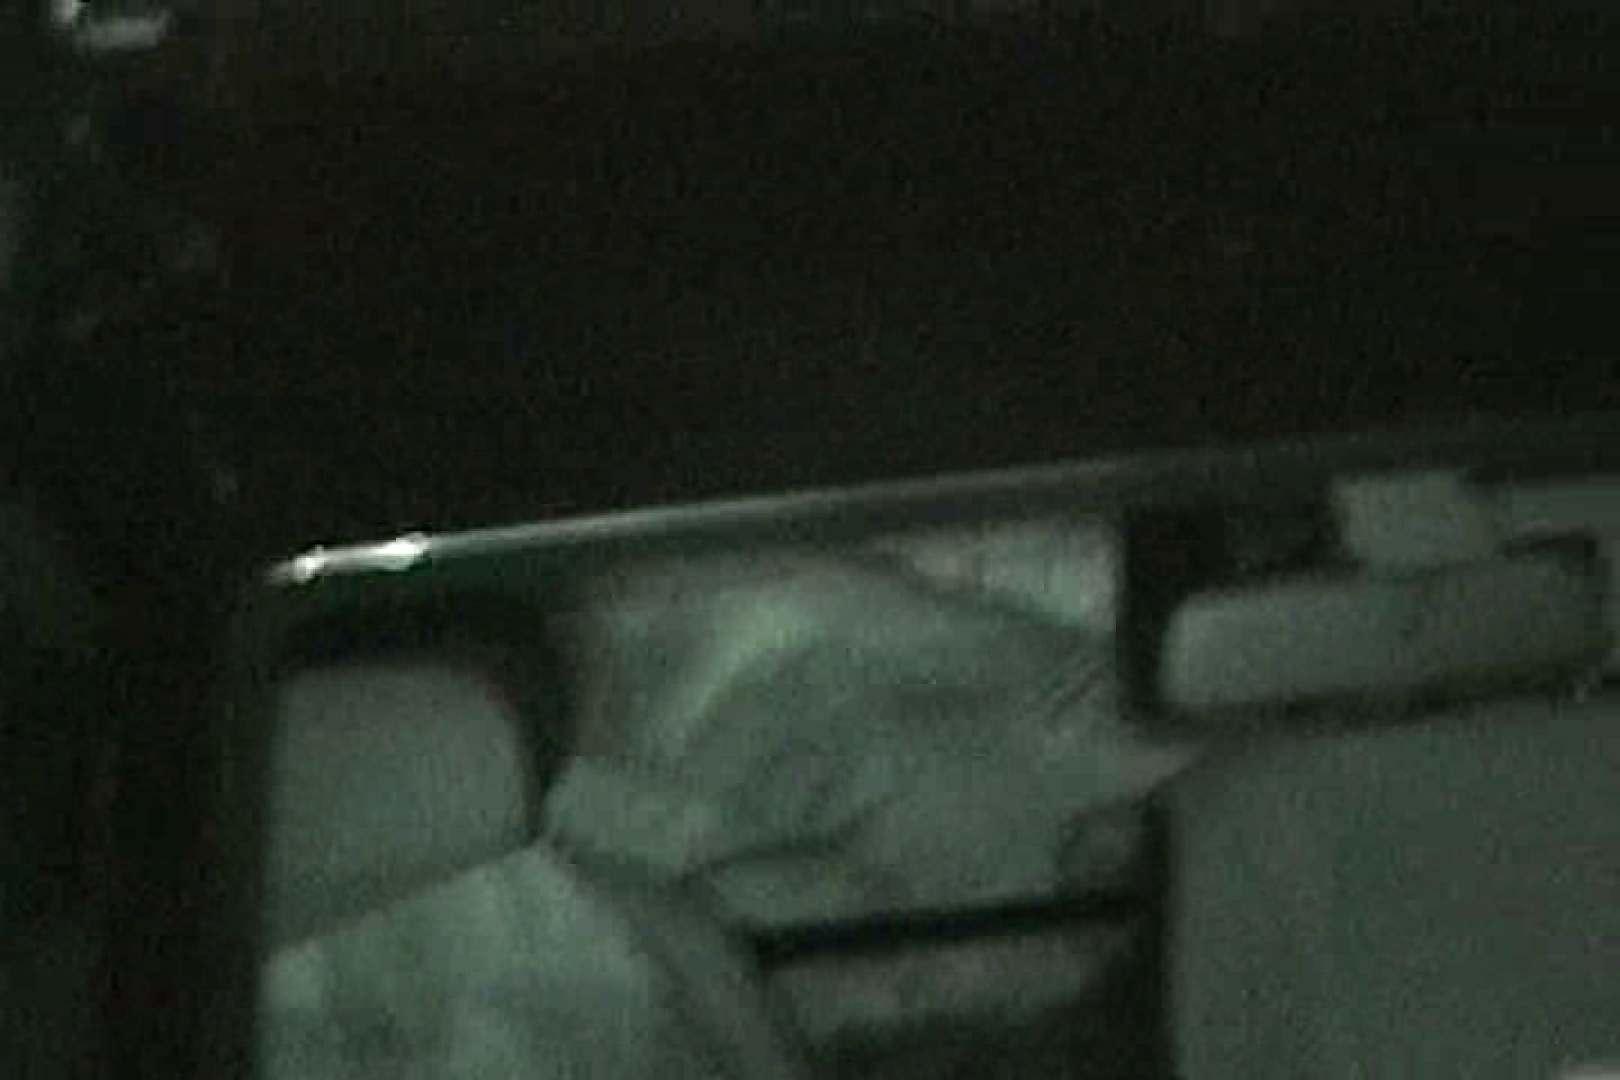 車の中はラブホテル 無修正版  Vol.8 カーセックス  107枚 12